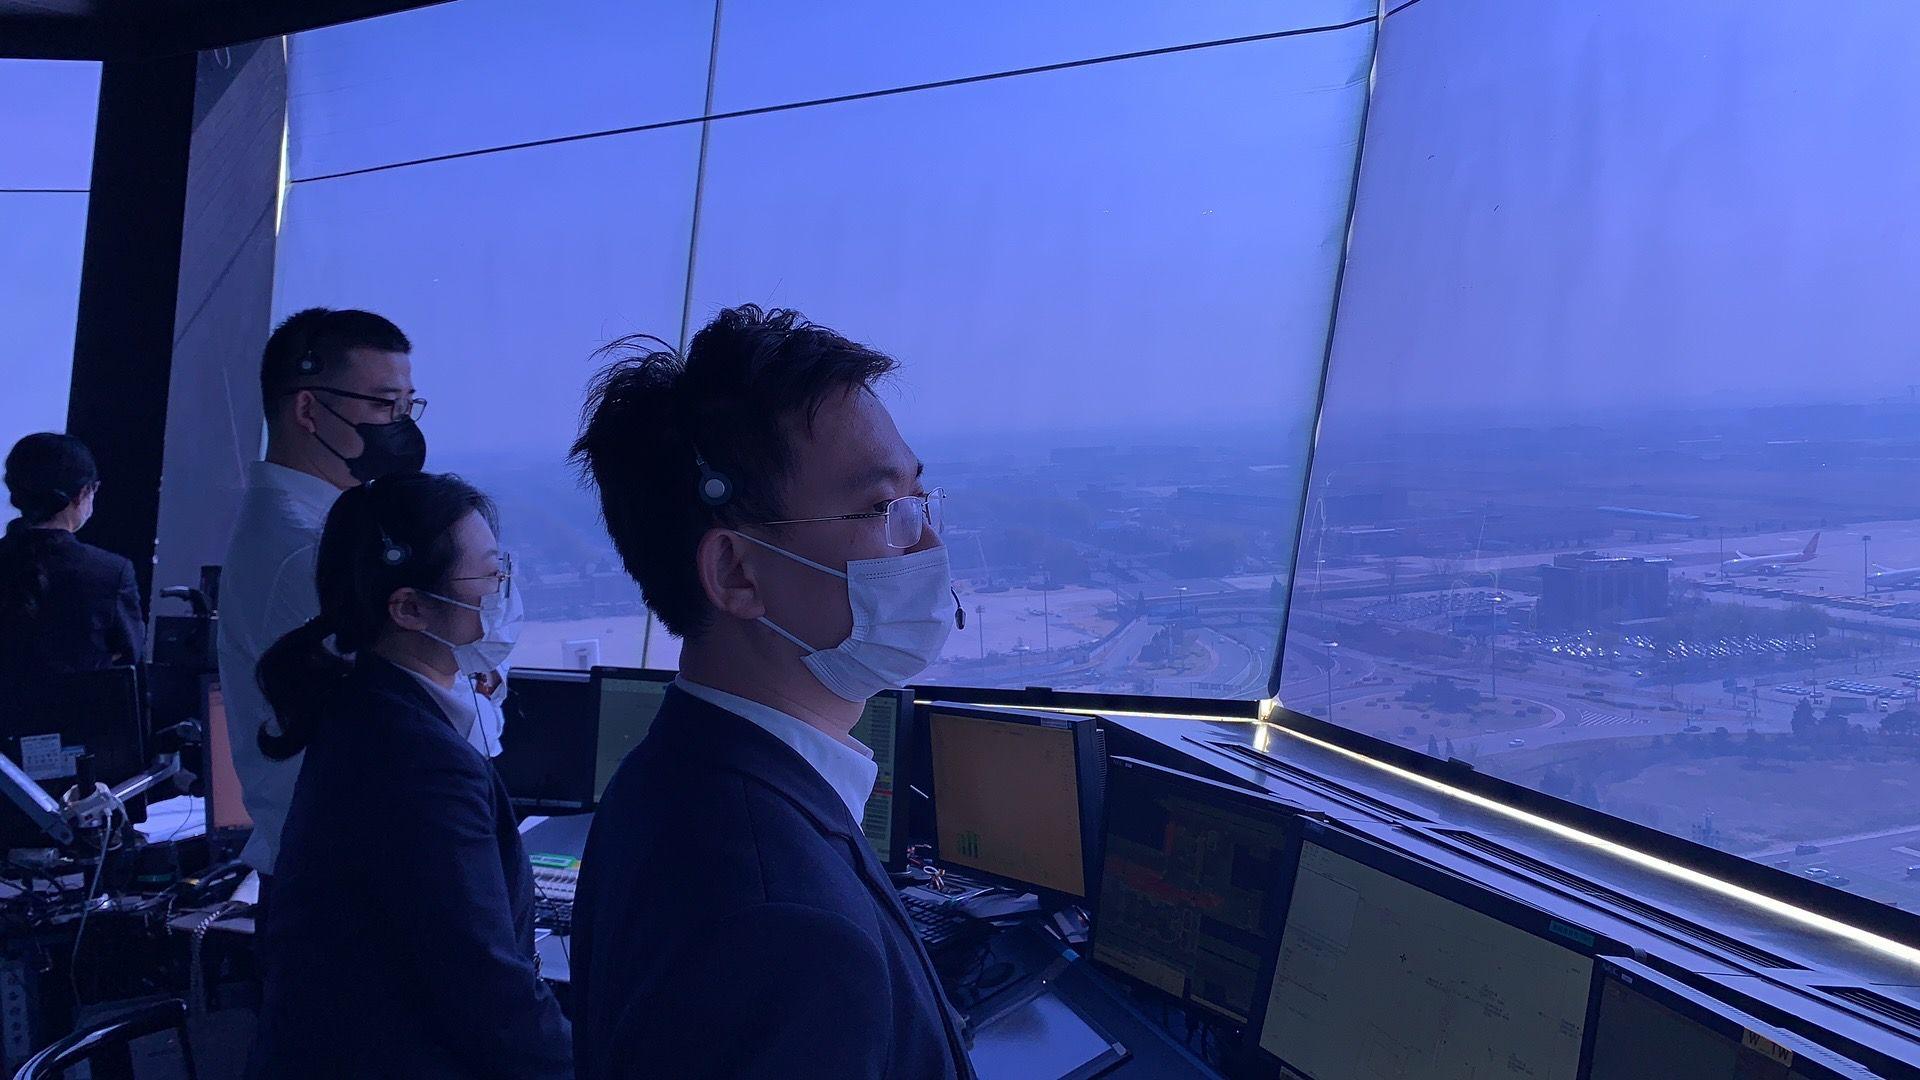 华北空管局保障包机提前安全降落首都机场。华北空管局供图